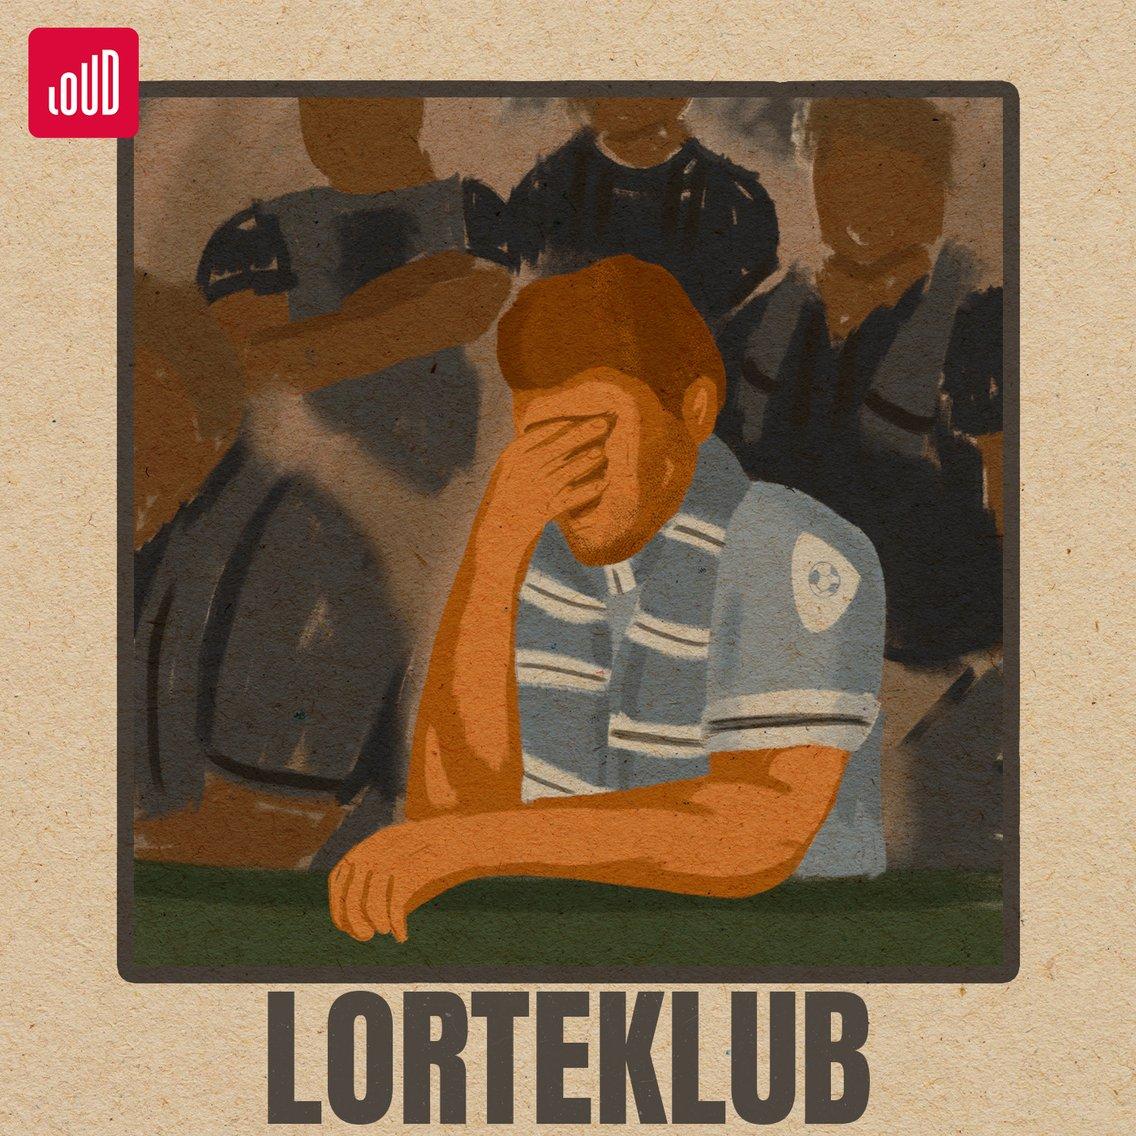 Lorteklub - immagine di copertina